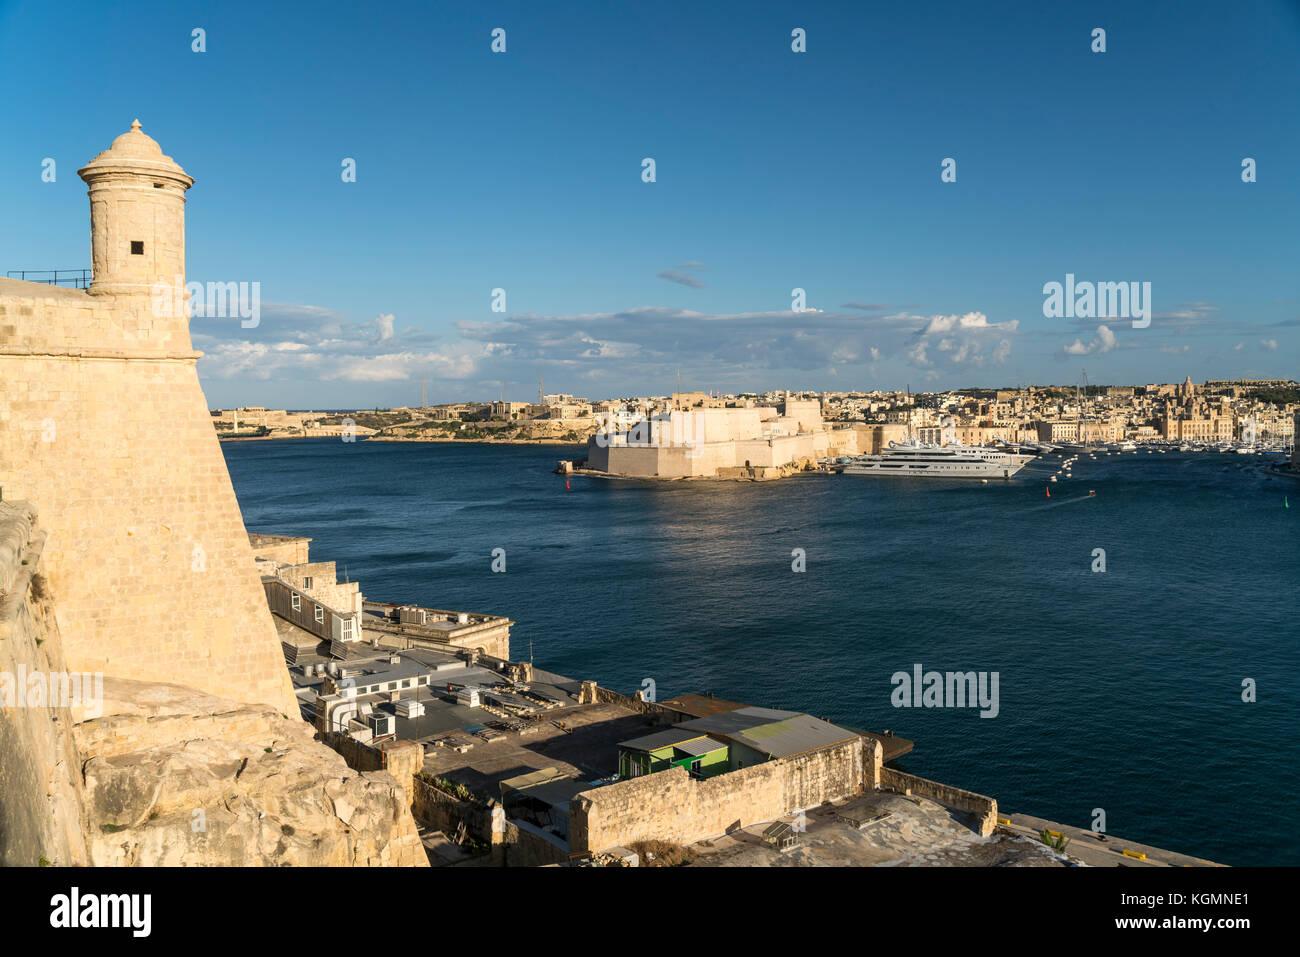 Blick auf Fort St. Angelo und Vittoriosa / Birgu, Valletta, Malta | Fort St. Angelo and Vittoriosa / Birgu, Valletta, - Stock Image